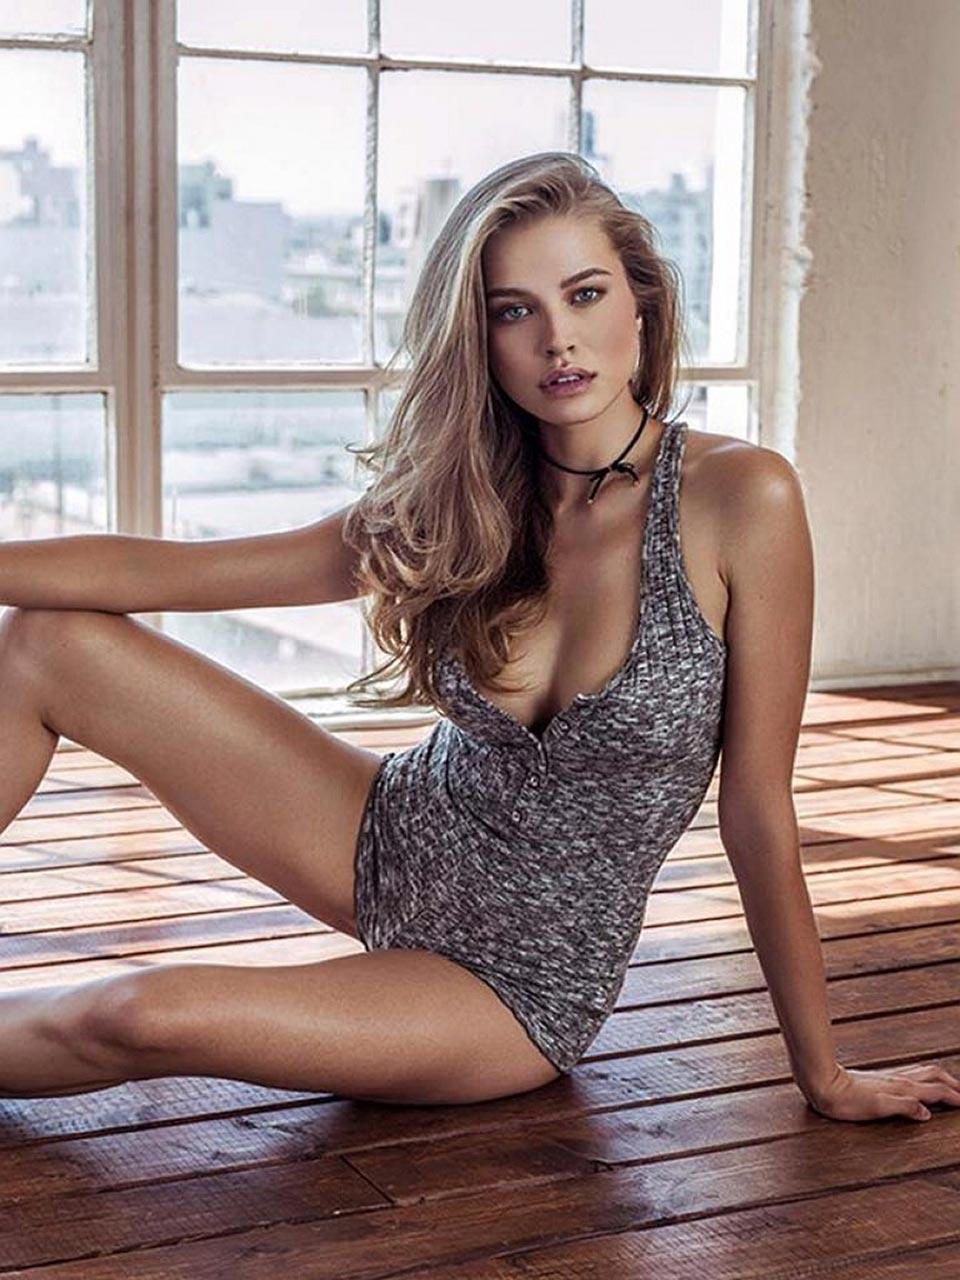 Tanya mityushina nude